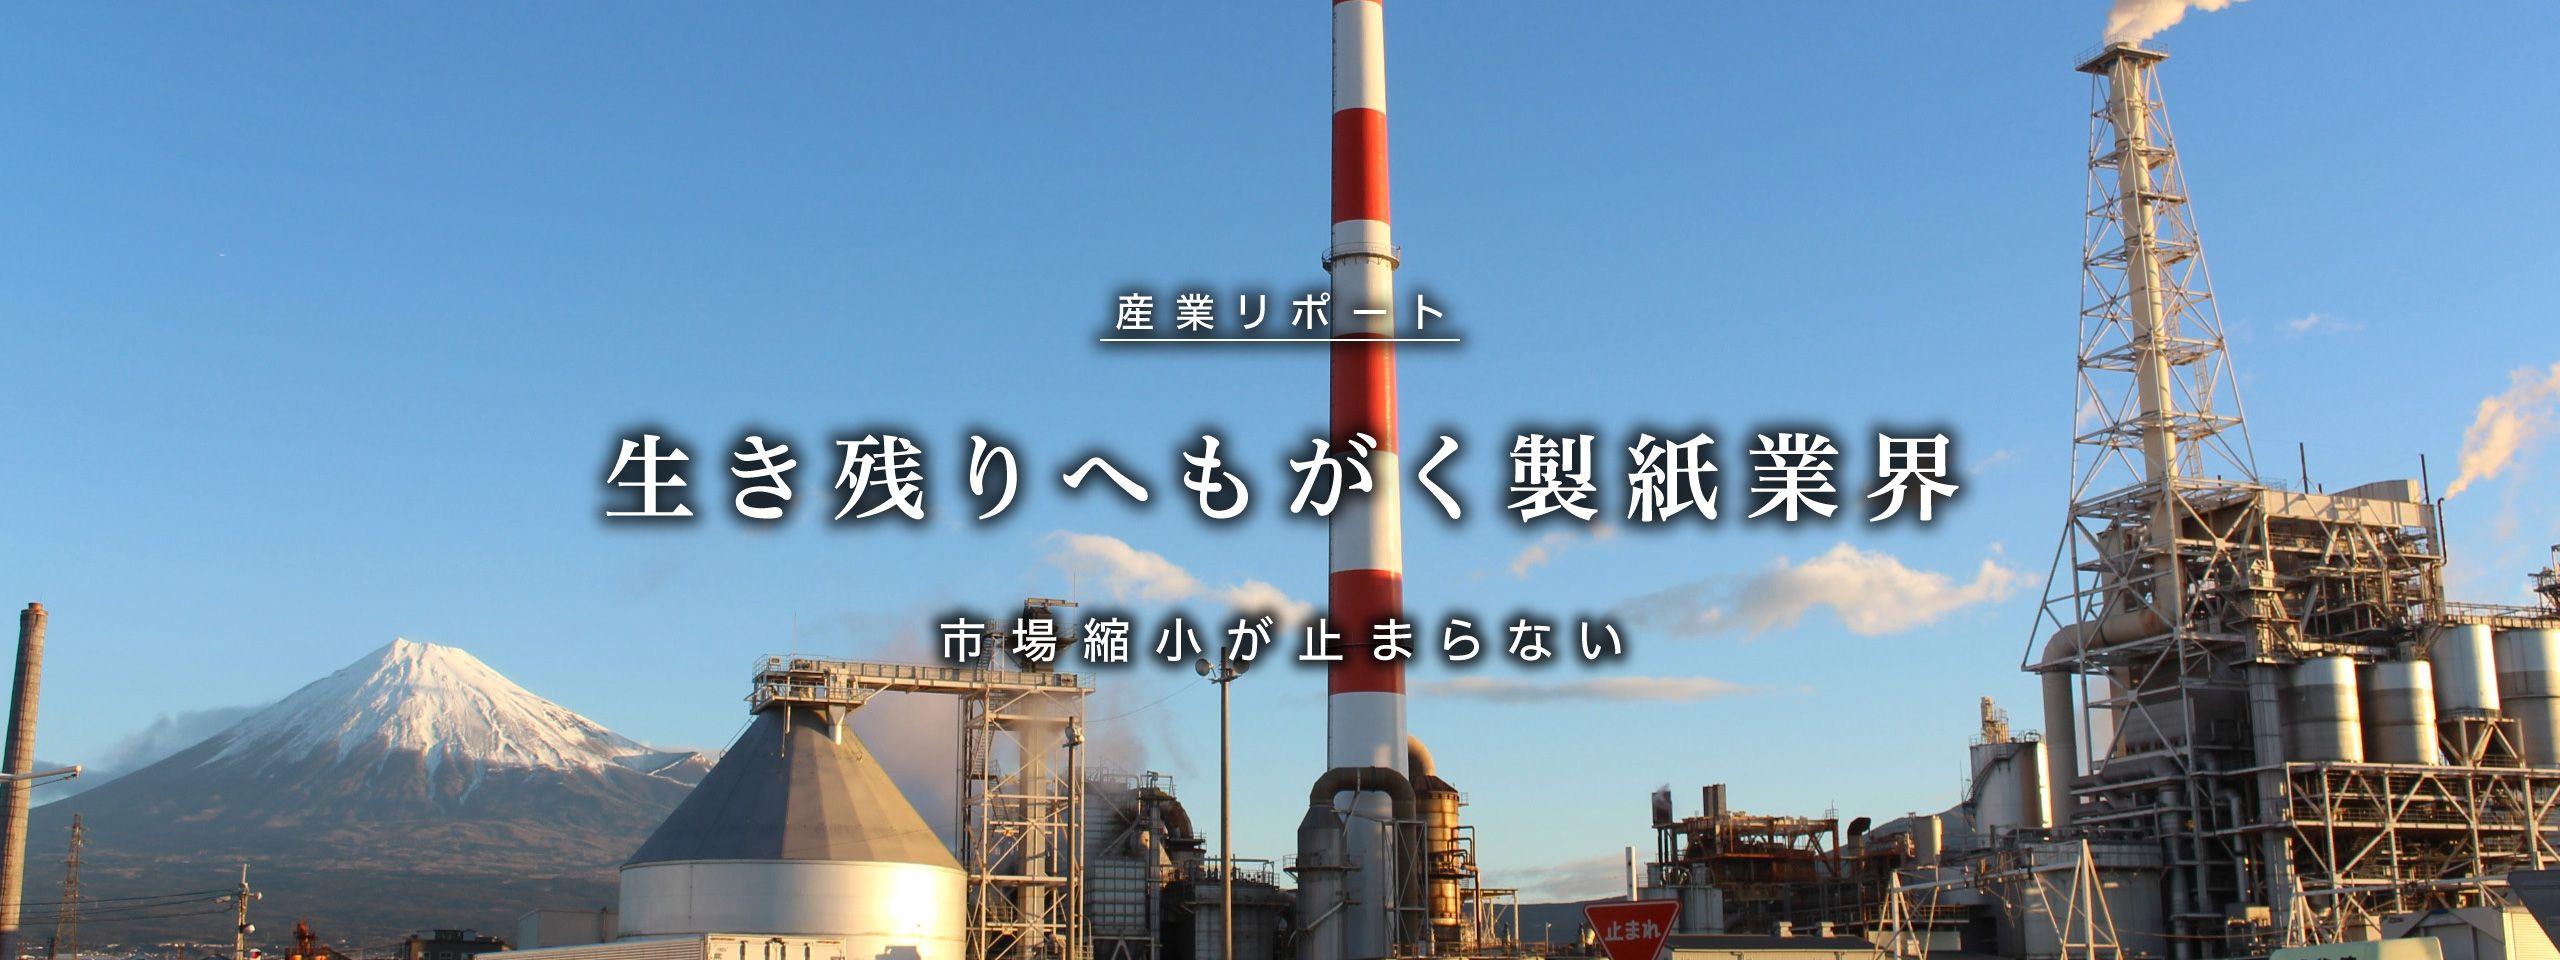 生き残りへもがく製紙業界 | 深層リポート | 週刊東洋経済プラス